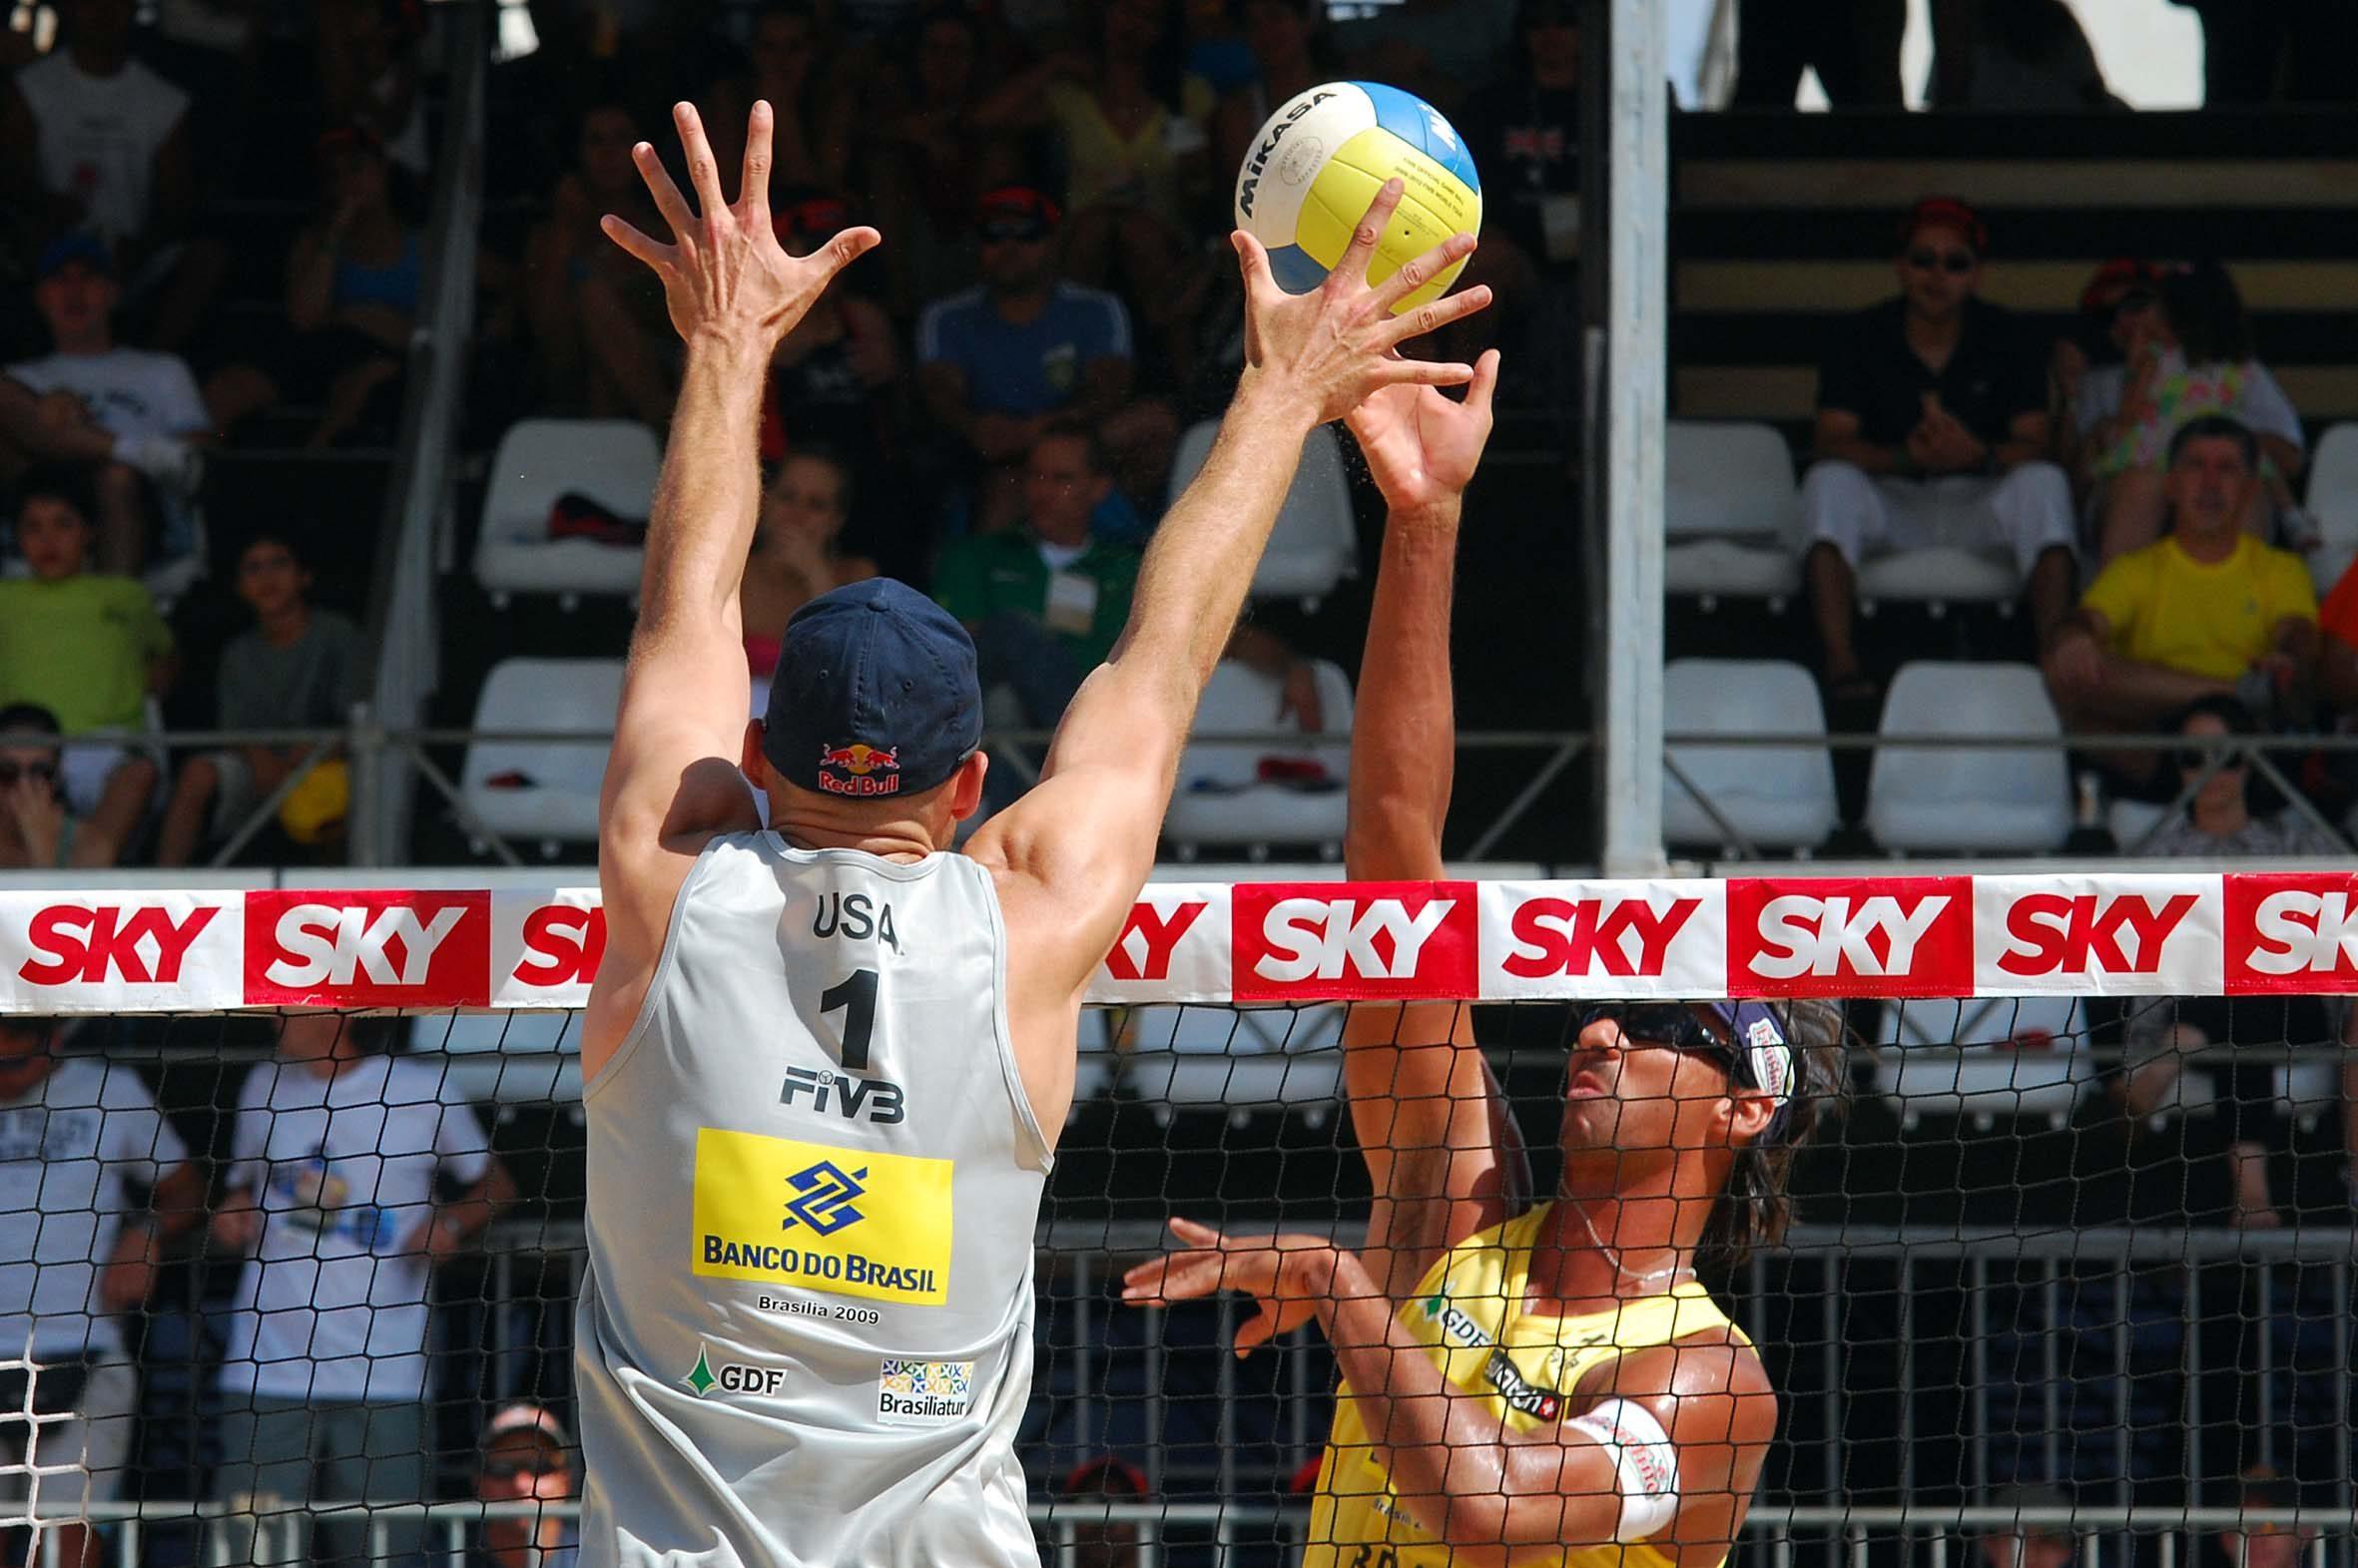 Brasileiro Ricardo Santos x Americano Phil Dalhausser. Créditos FIVB (Federação Internacional de Voleibol).